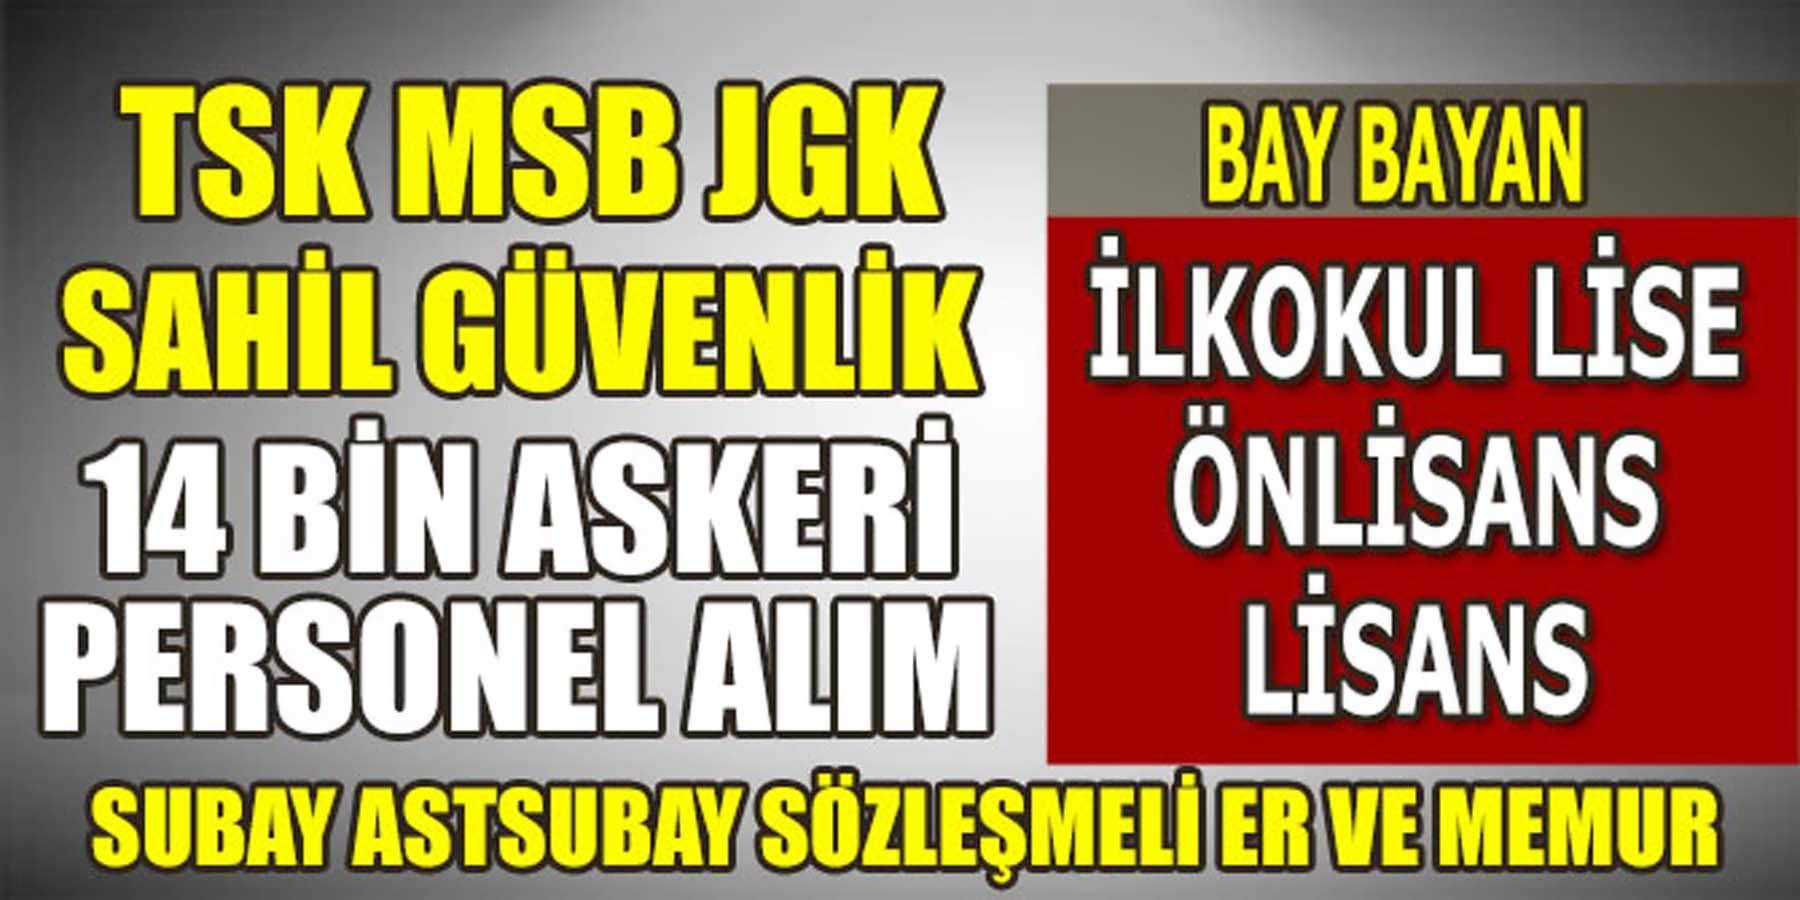 Jandarma, TSK, MBS ve Sahil Güvenlik Komutanlıkları 14 Bin Askeri Personel Alımları